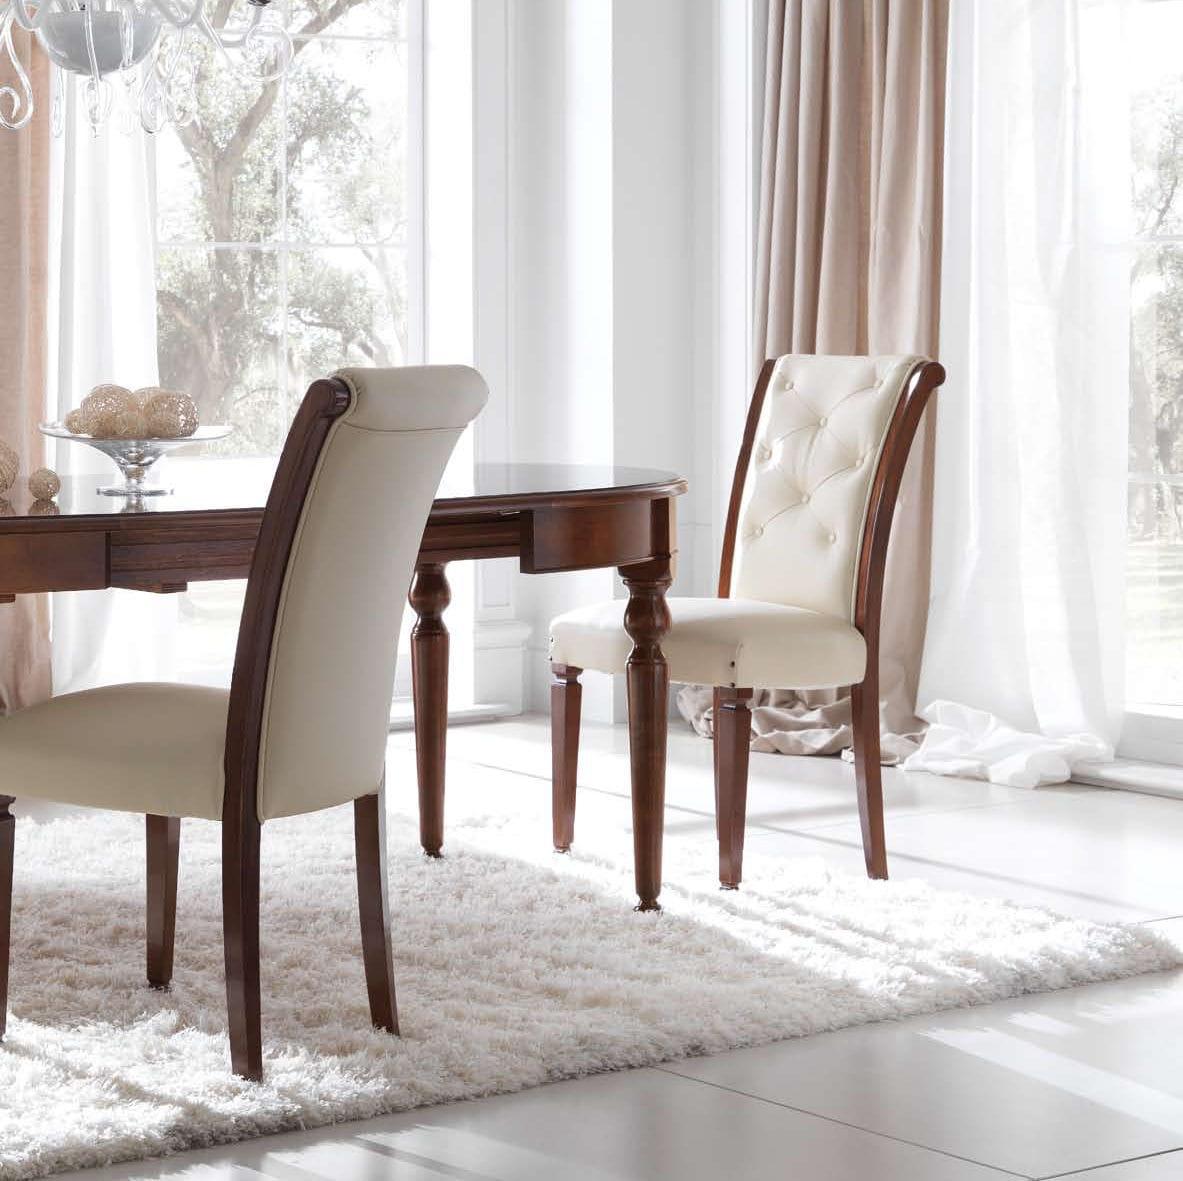 Sedia classica / con braccioli / in tessuto / in legno - MARGOT ...